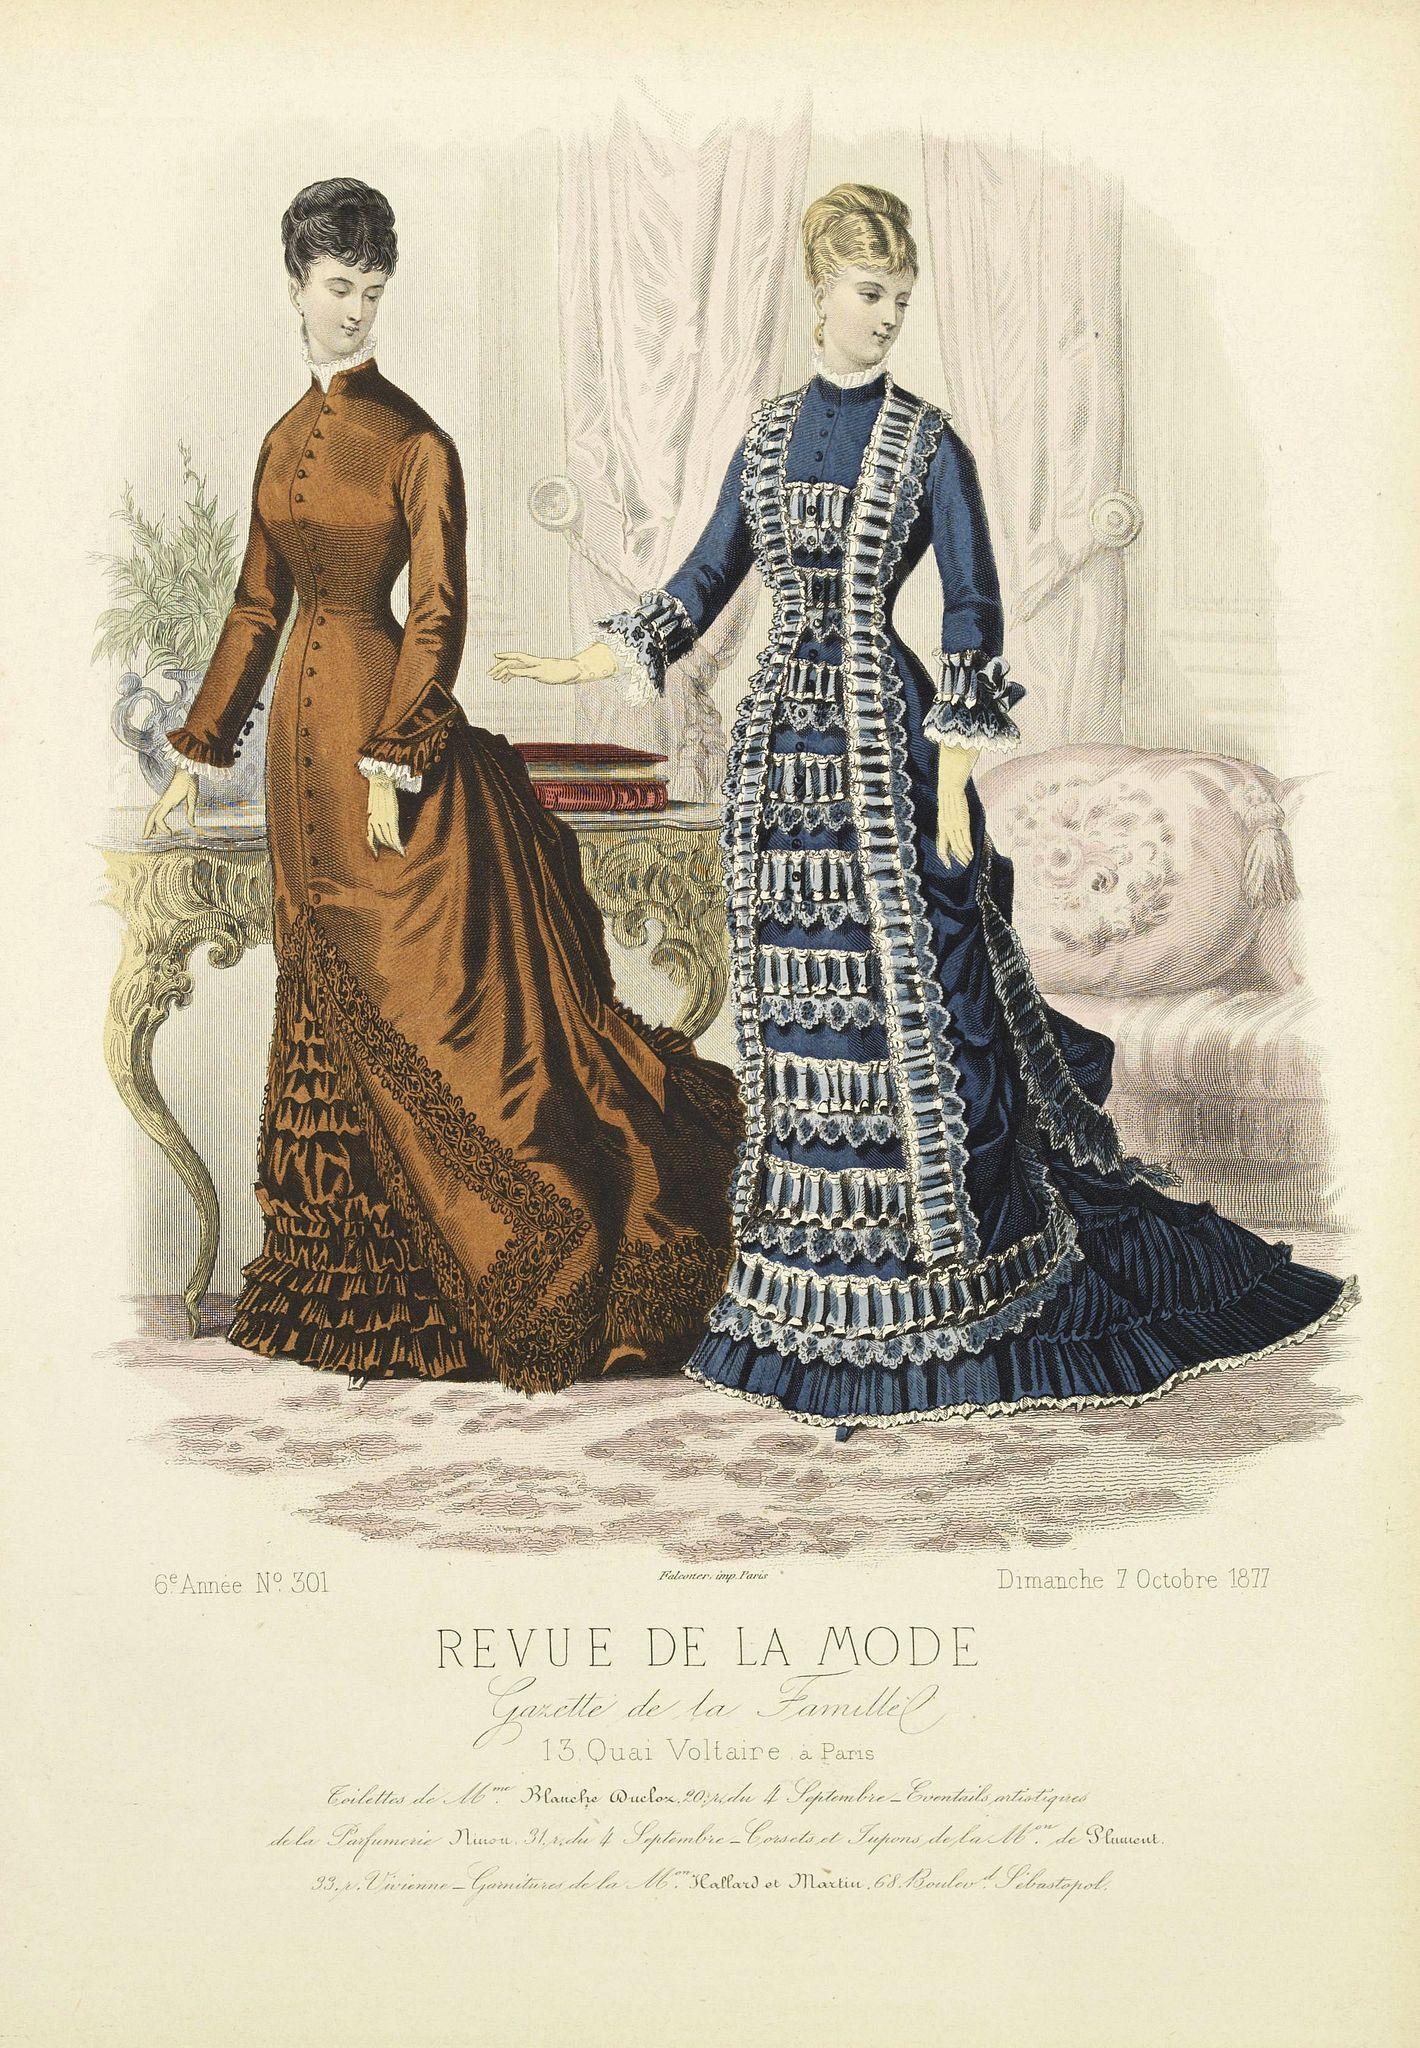 REVUE DE LA MODE -  Paris fashion plate. (301)